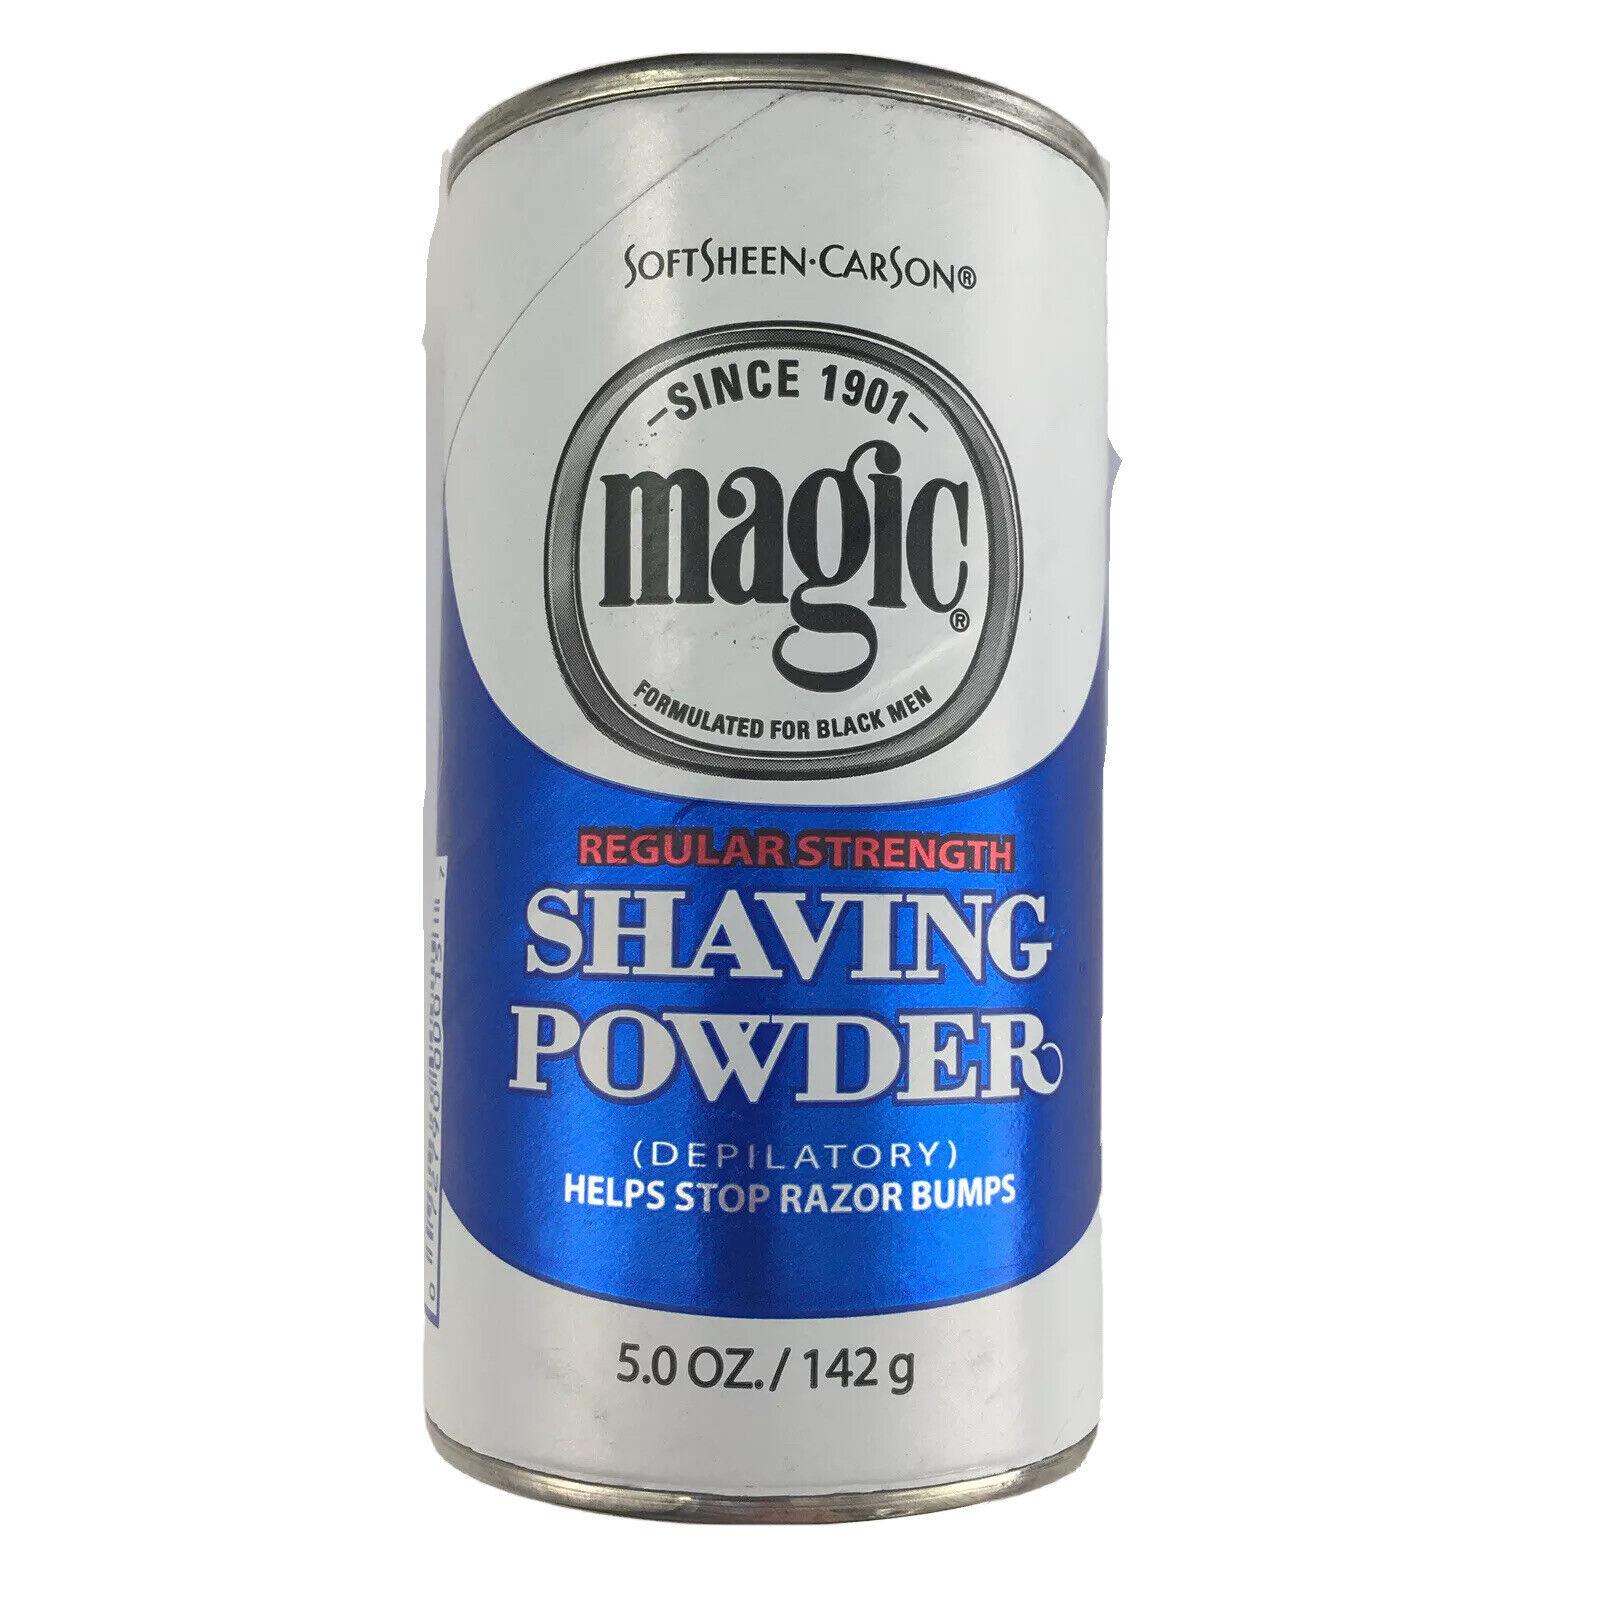 Magic Shaving Powder Regular Strength 5 Oz For Sale Online Ebay